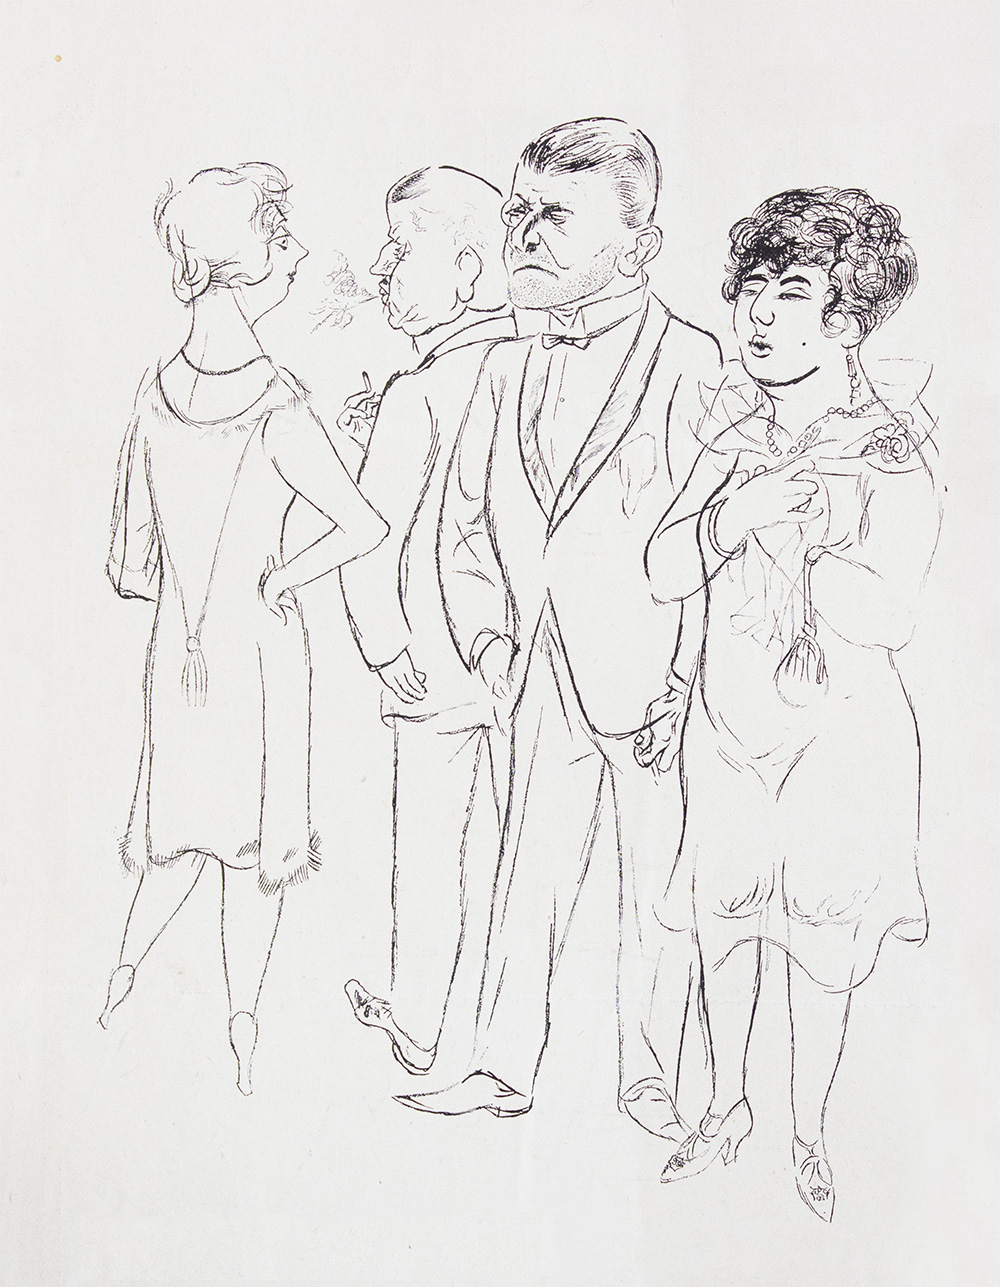 George Grosz / In Der Pause (In the break)/ Lithograph on paper (Litografia su carta) / 1926